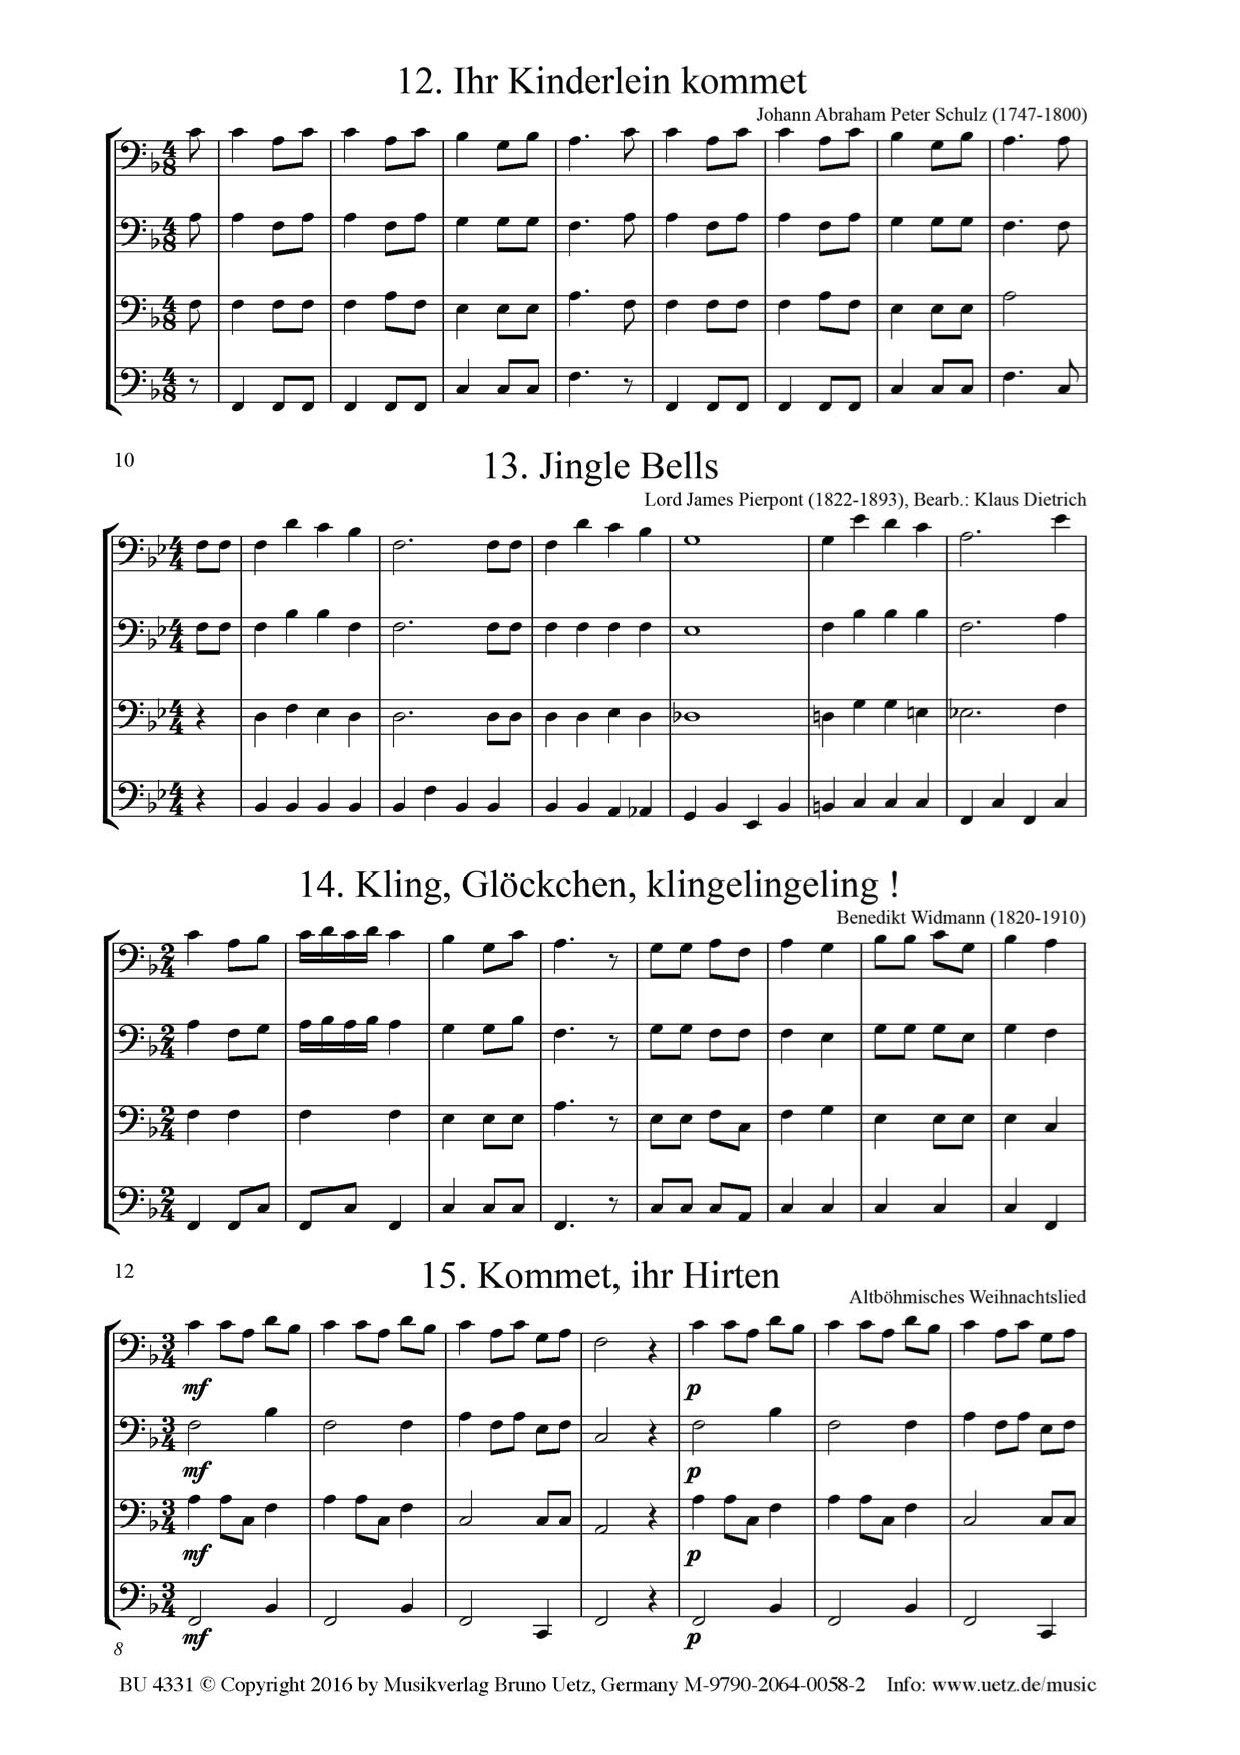 Fröhliche Weihnachten. 35 der schönsten Weihnachtslieder für ...